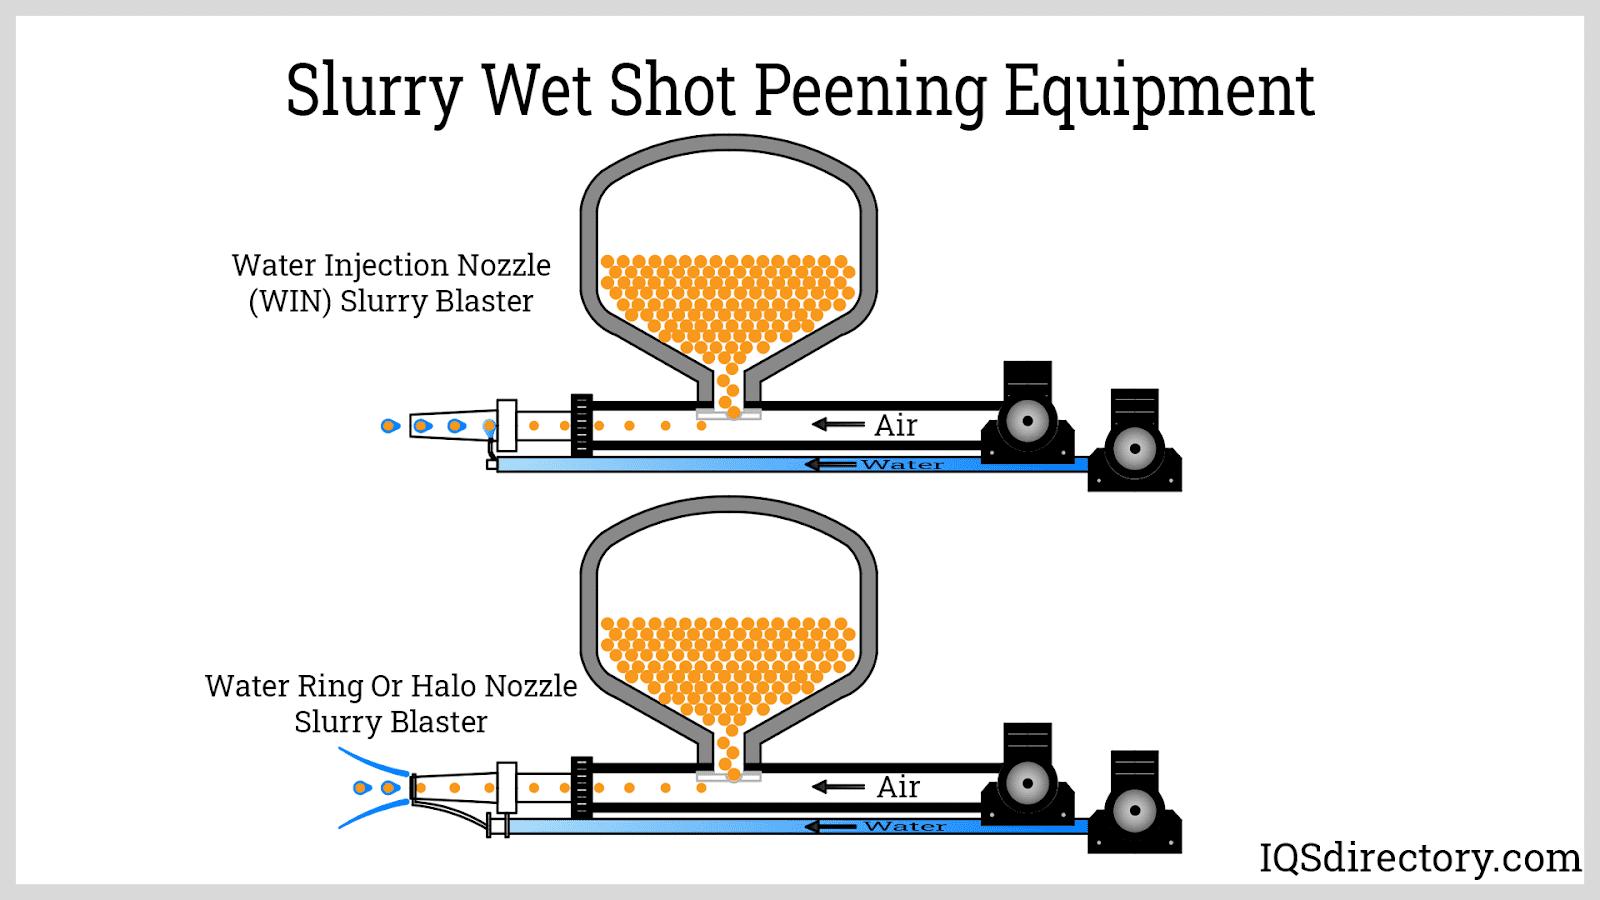 Slurry Wet Shot Peening Equipment